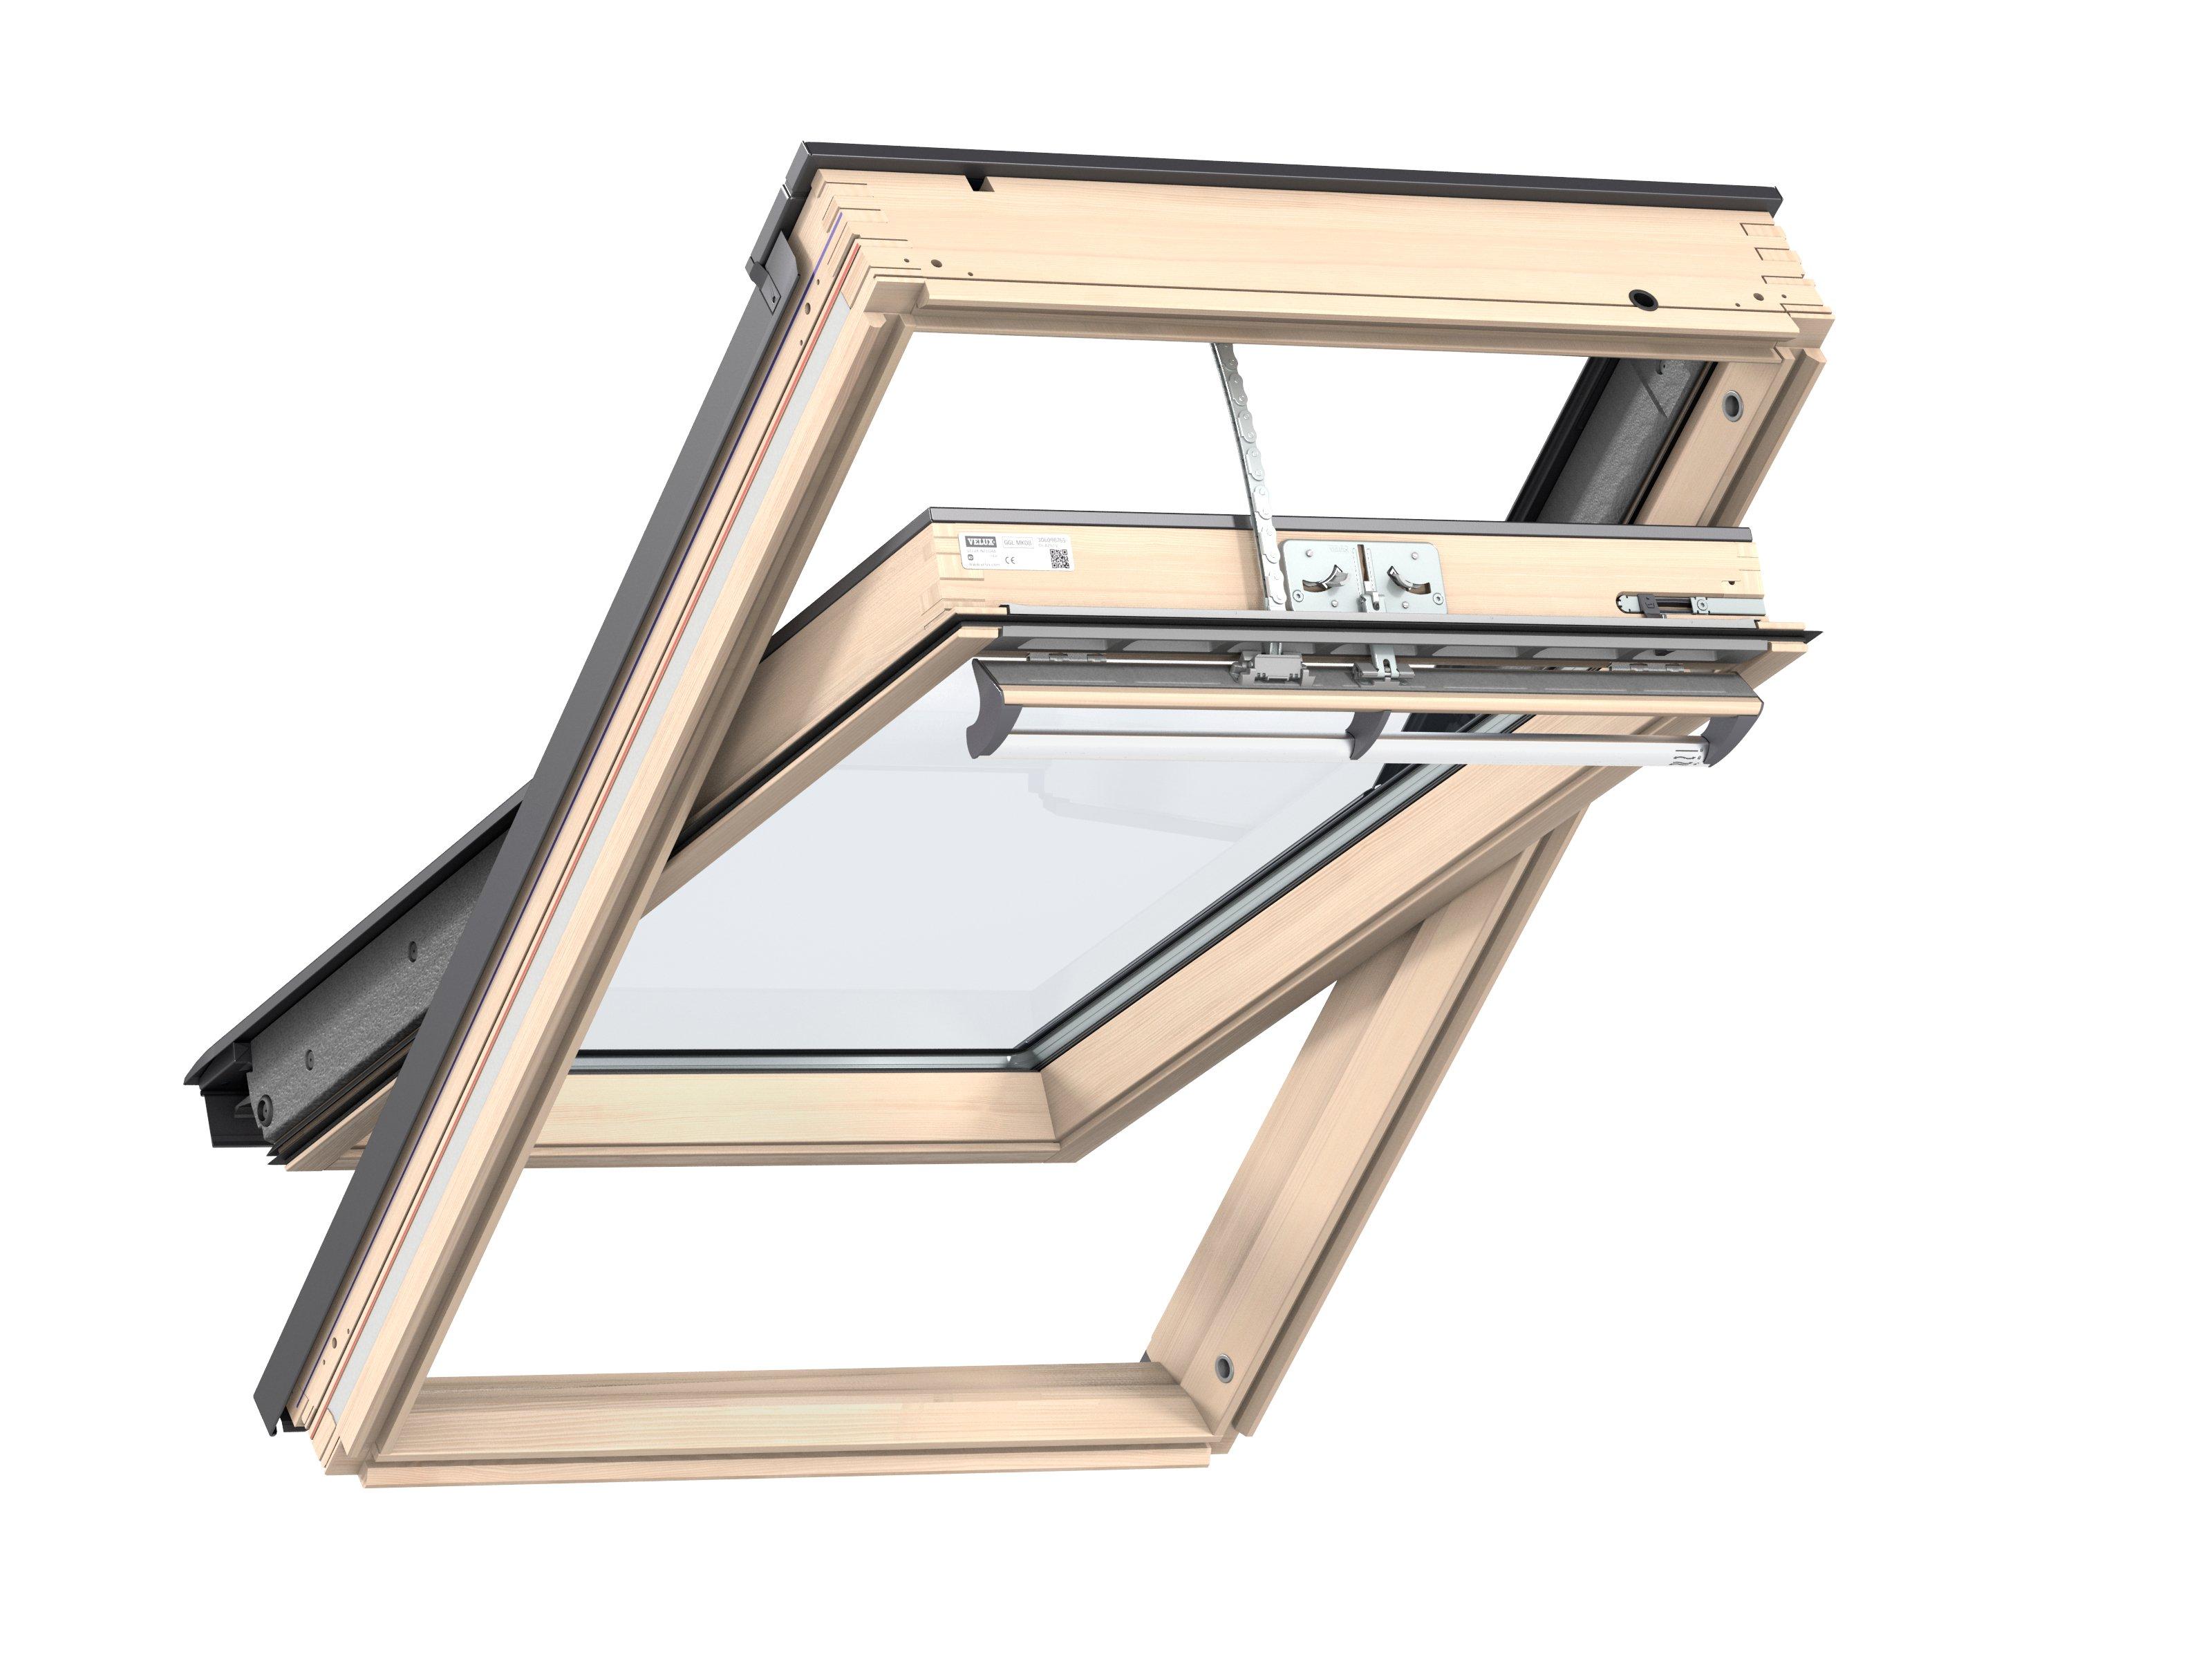 fereastra de mansarda velux ggl integra actionate electric. Black Bedroom Furniture Sets. Home Design Ideas